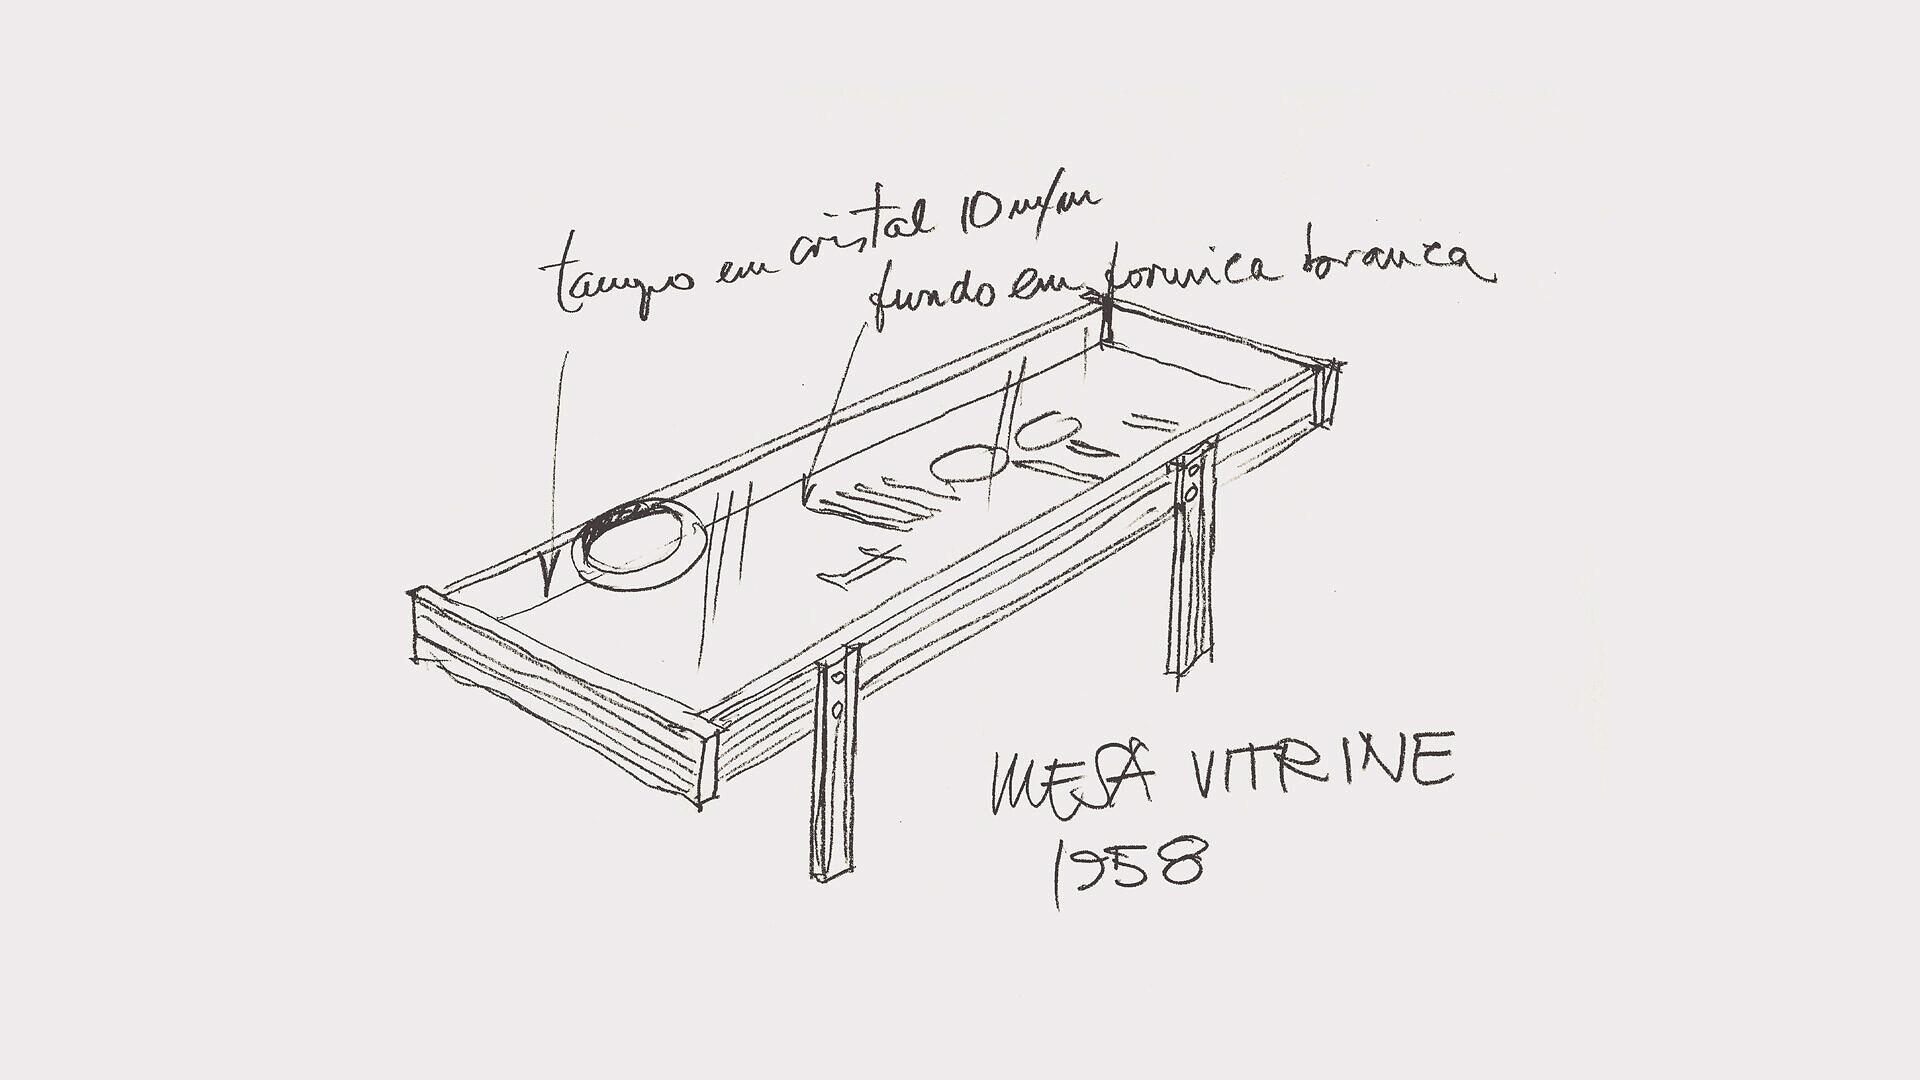 Mesa Vitrine